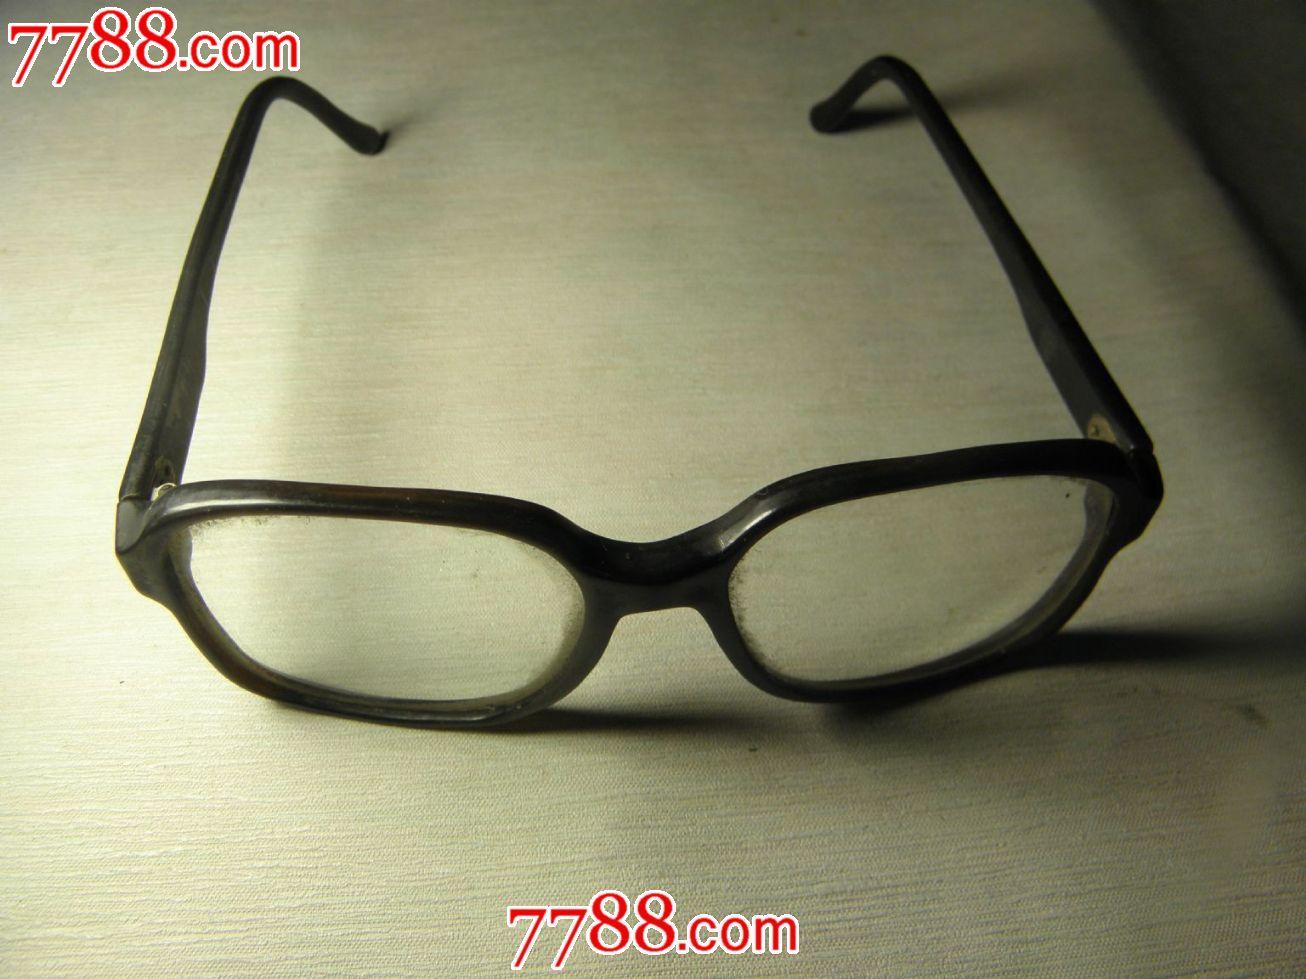 文革眼镜图片